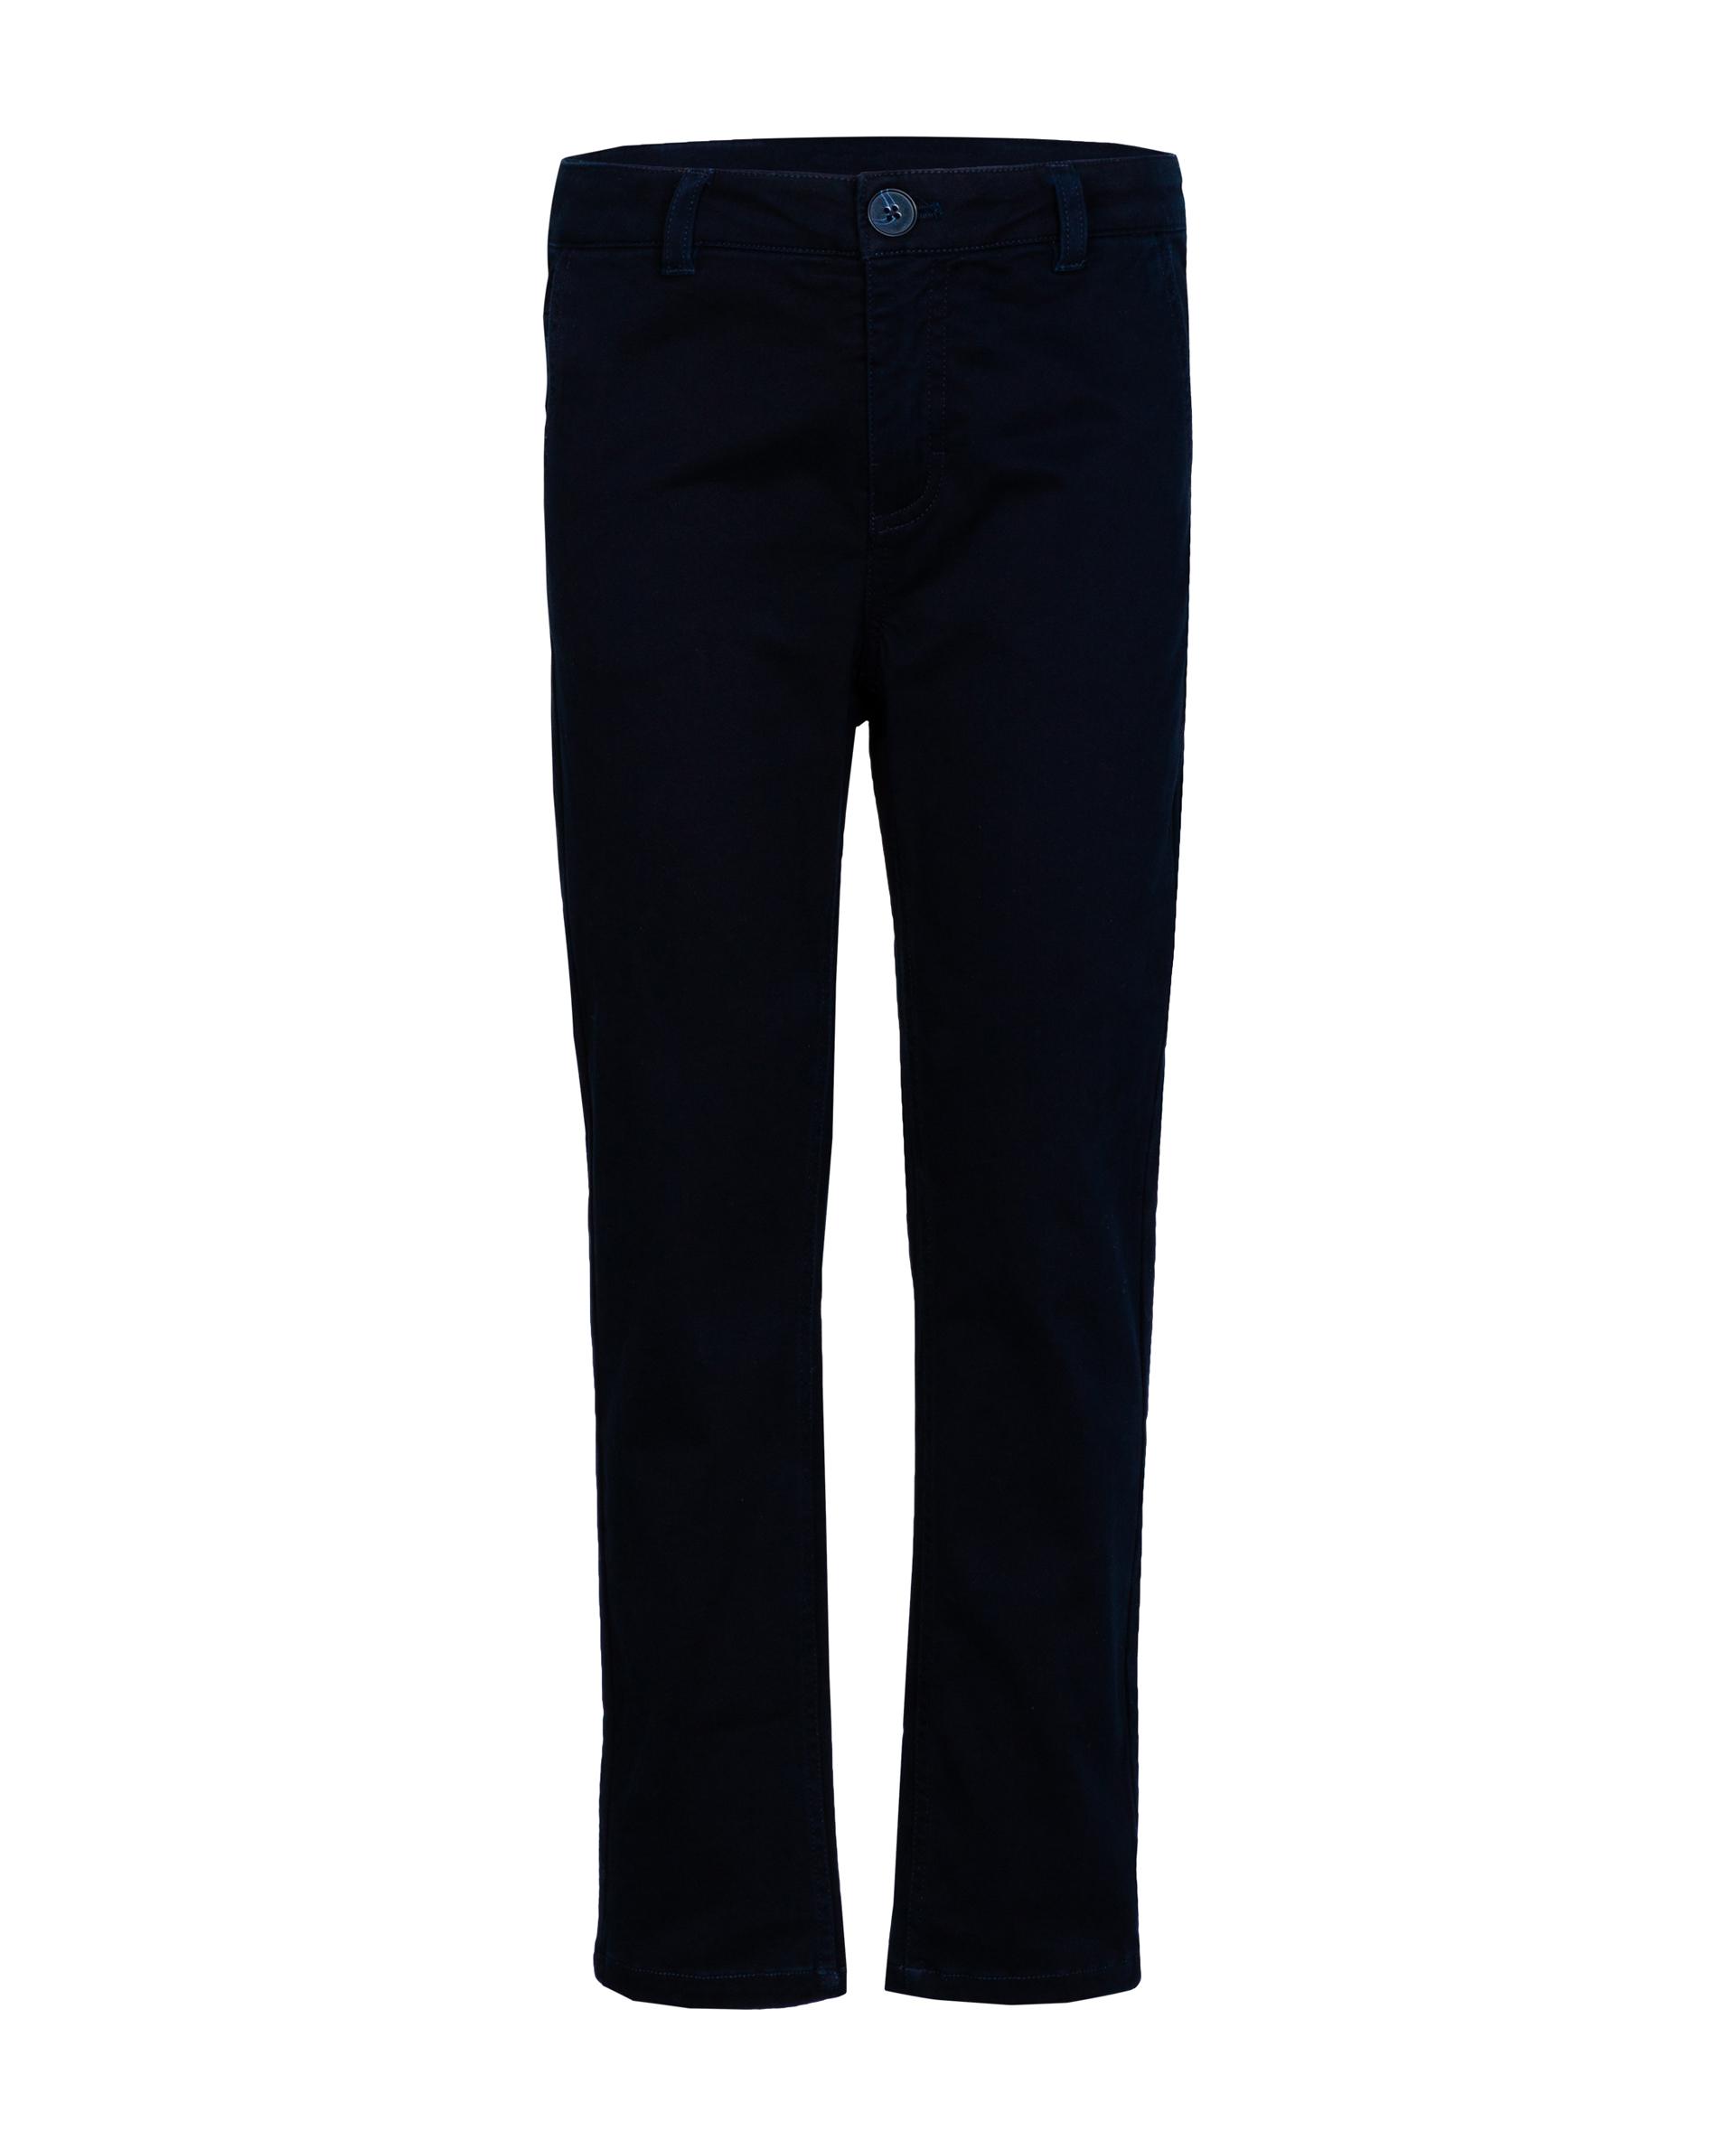 Купить 219GSBC6307, Синие брюки Gulliver, синий, 122, Мужской, ШКОЛЬНАЯ ФОРМА 2019-2020 (shop: GulliverMarket Gulliver Market)